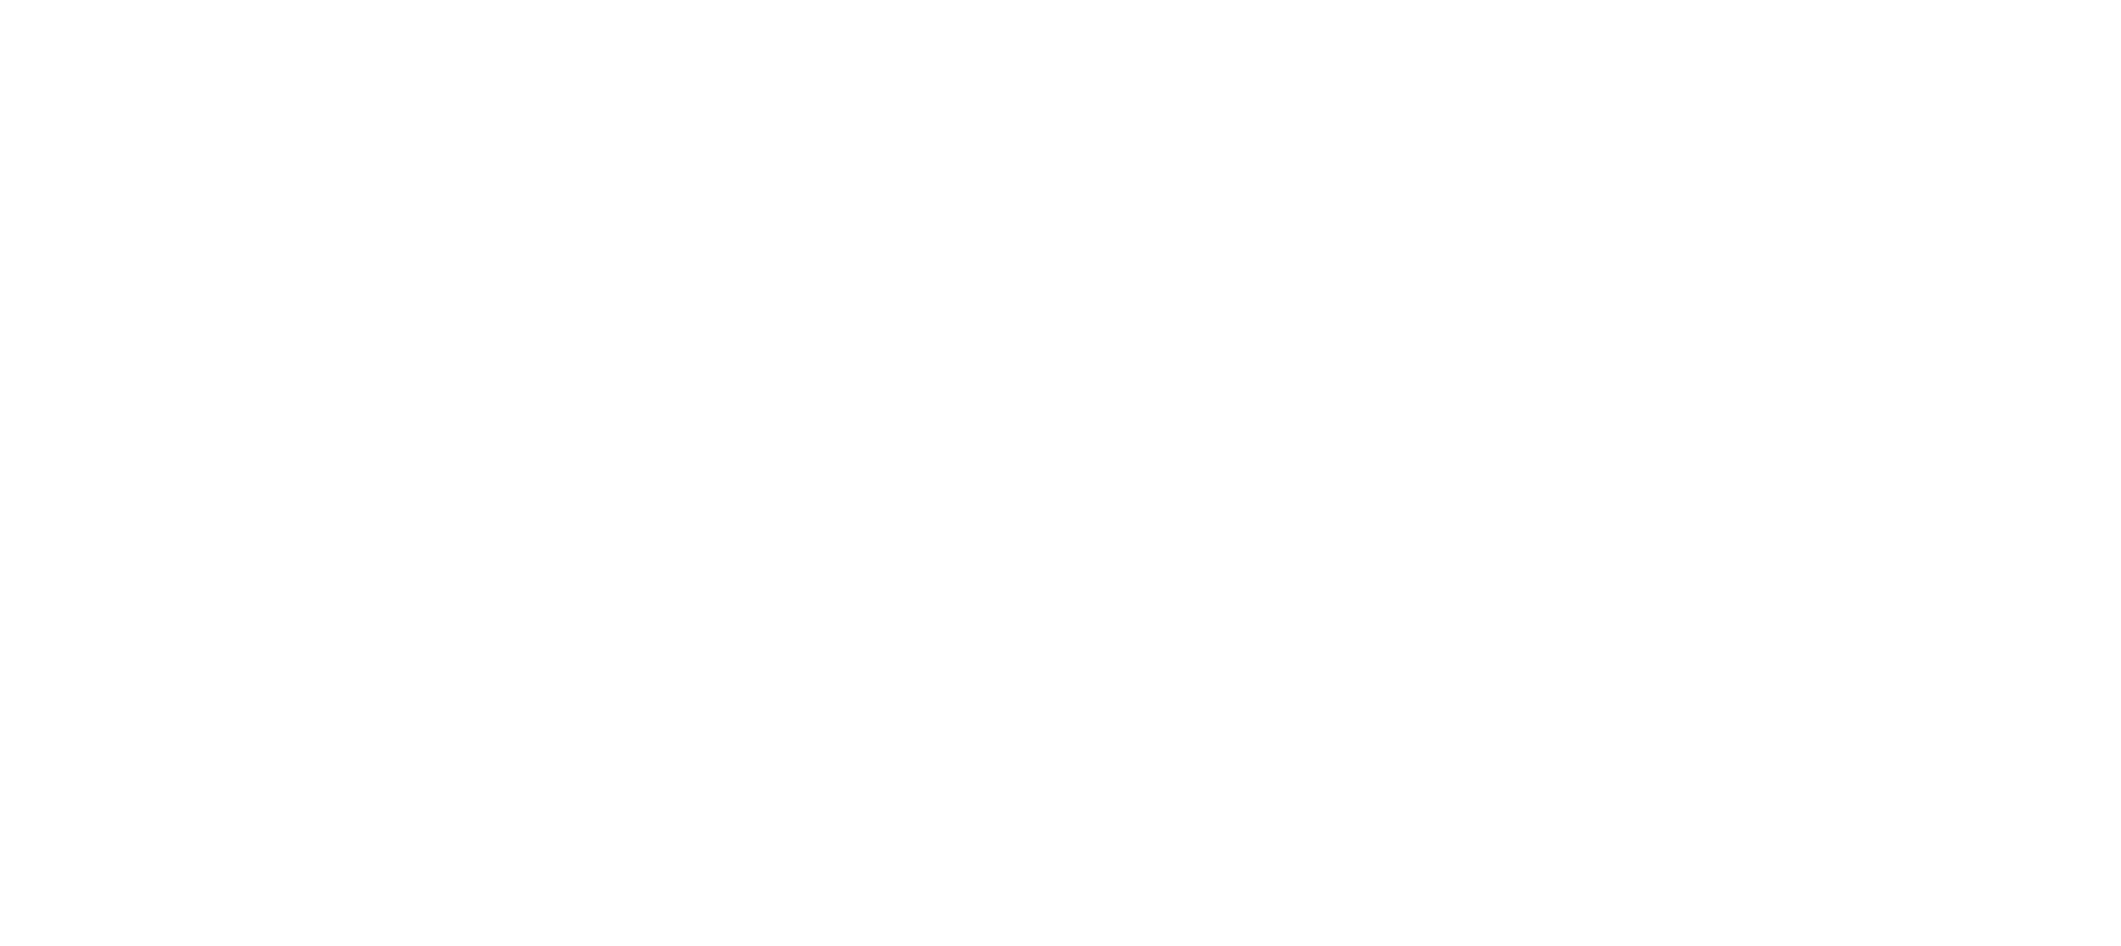 エステティシャン(パート) 札幌 バーバラ求人募集サイト